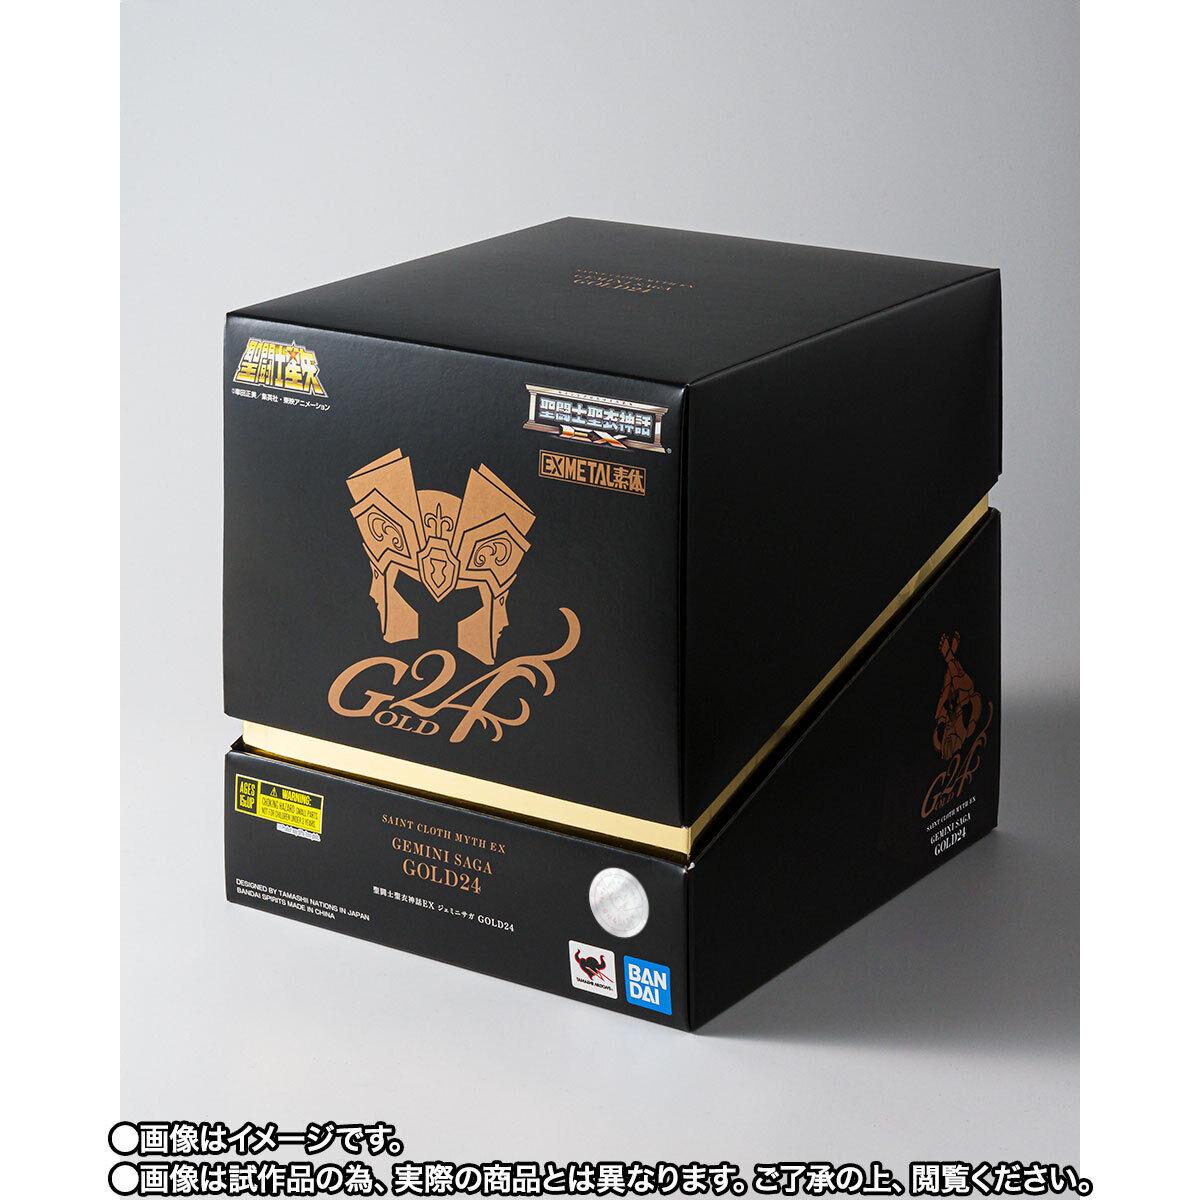 【限定販売】聖闘士聖衣神話EX『ジェミニ サガ GOLD24』聖闘士星矢 可動フィギュア-009